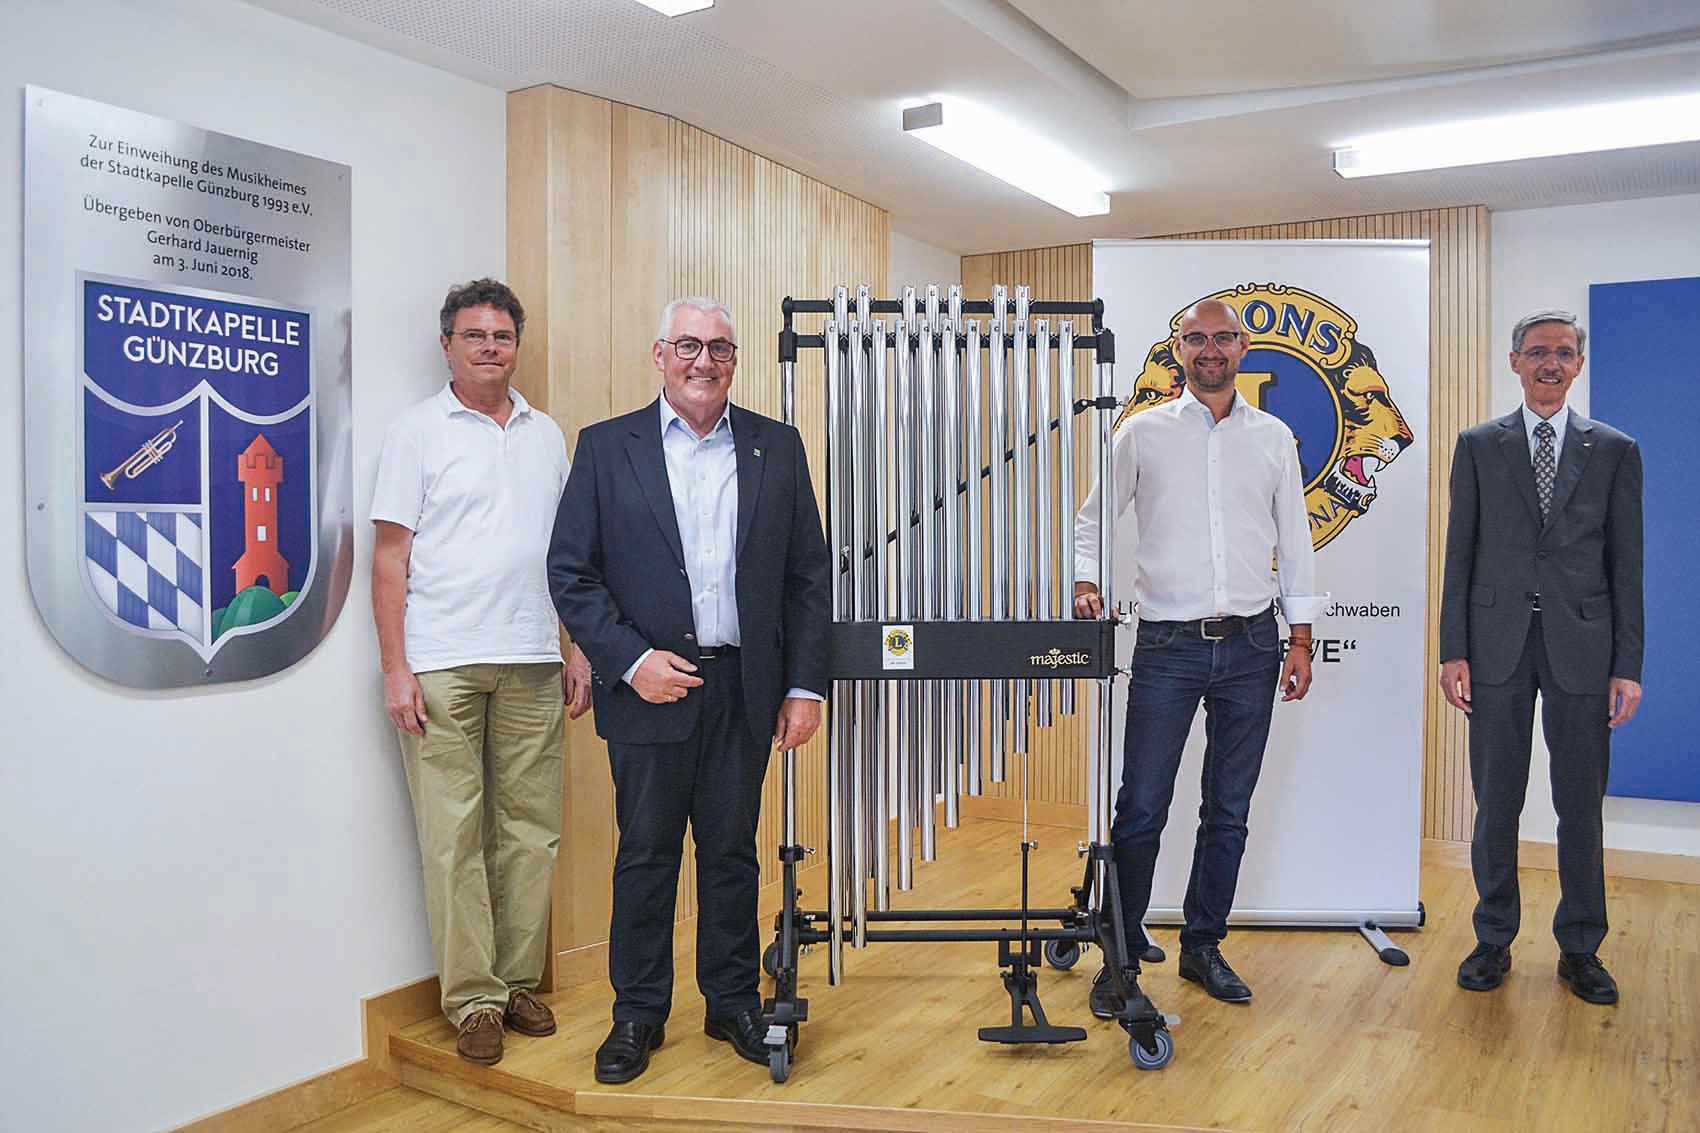 lions club guenzburg spende stadtkapelle guenzburg